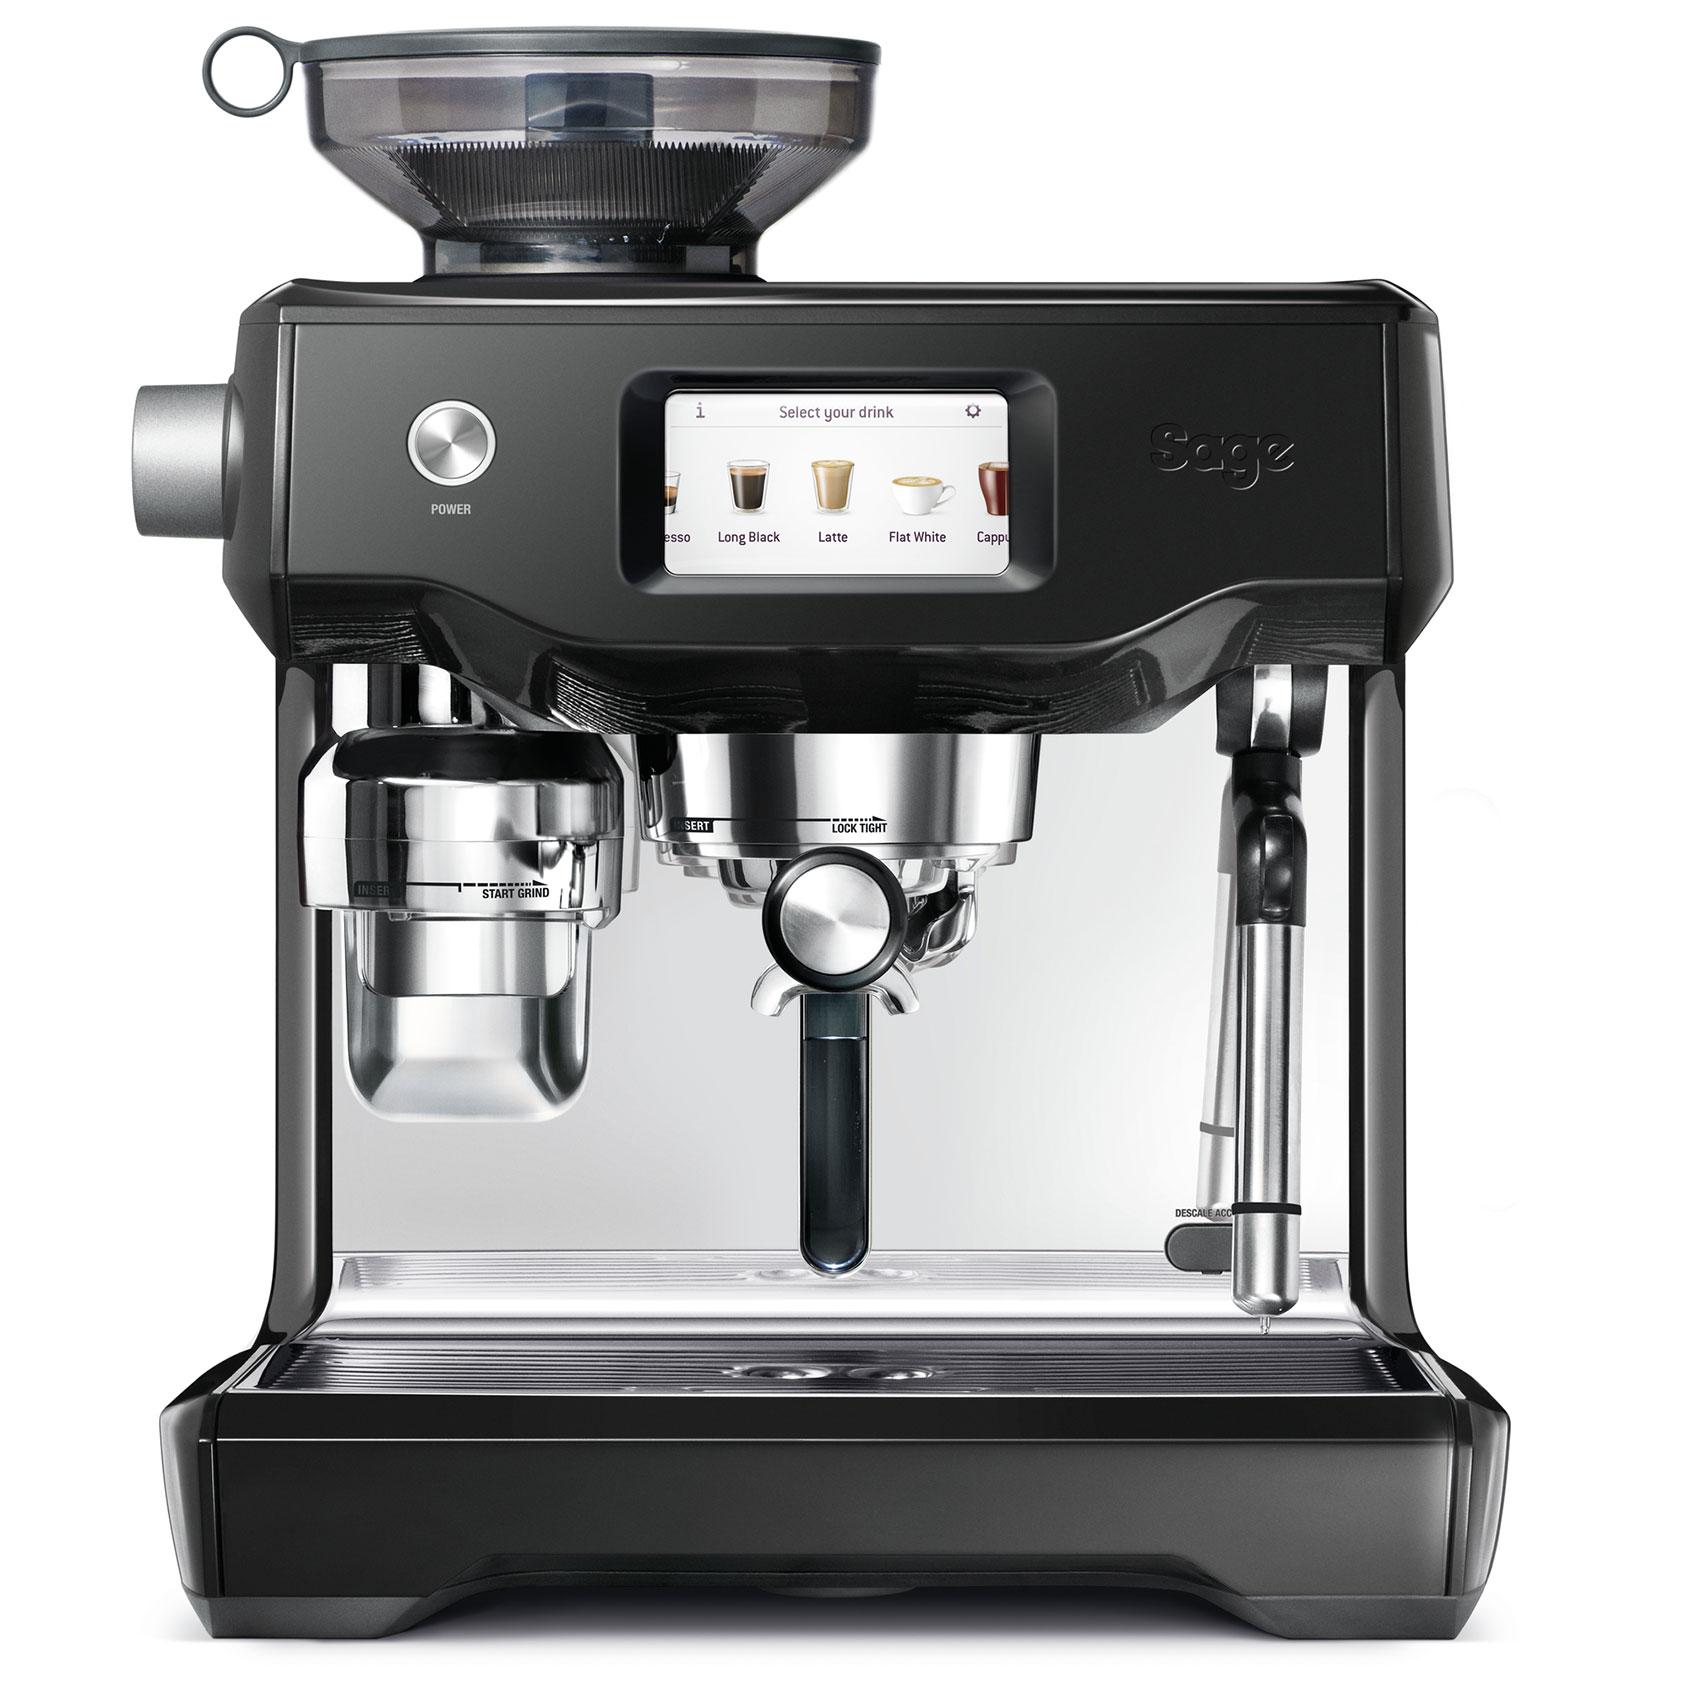 Automata filteres kávéfőző gép | Sage